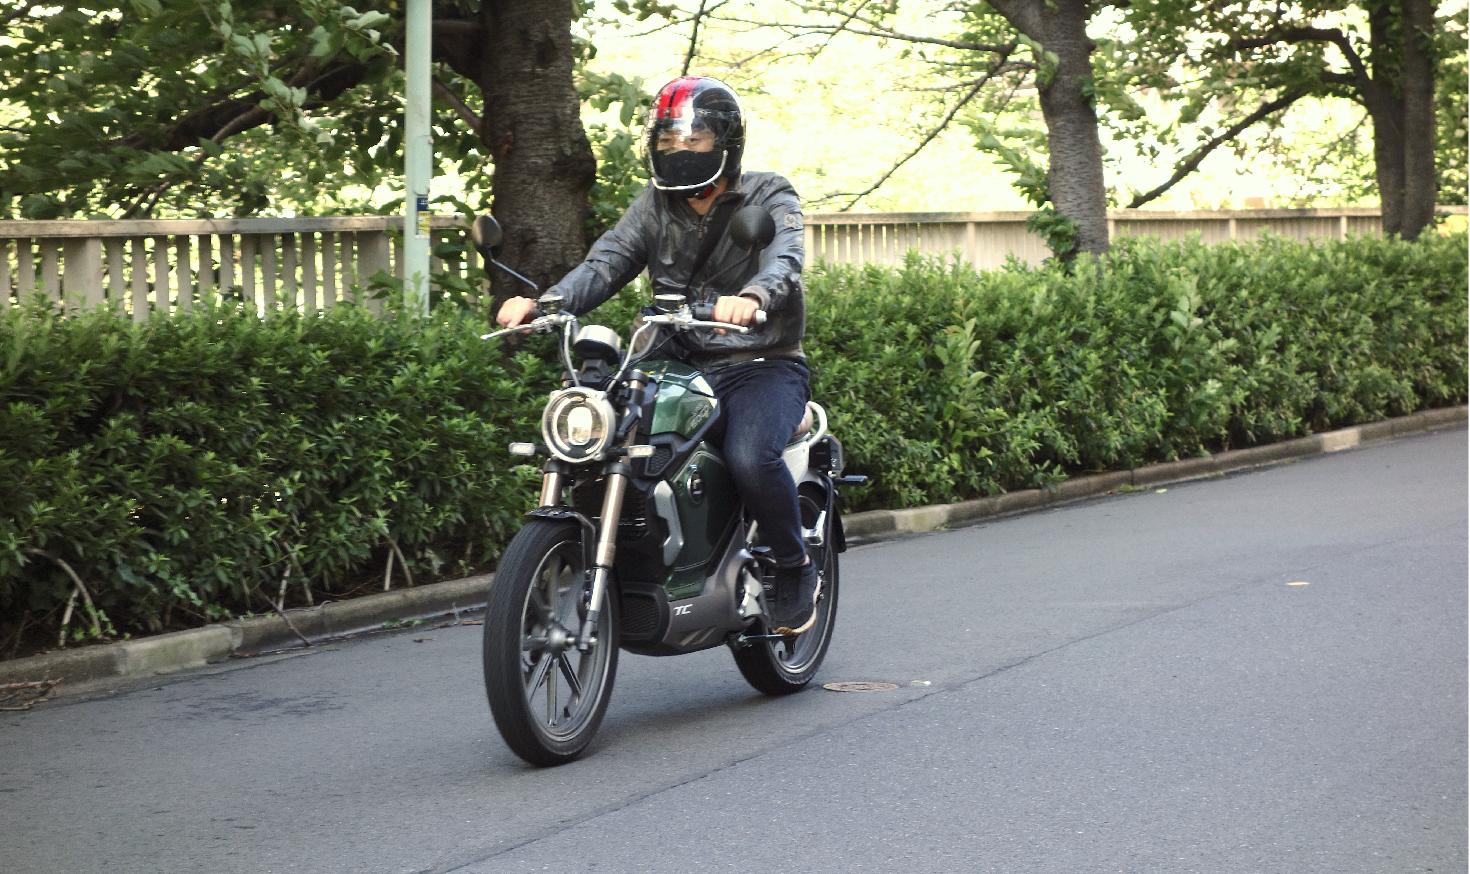 【試乗レポ】静かな走りが病みつきになる!  エンジン好きでも楽しめる電動バイク「SuperSoco」